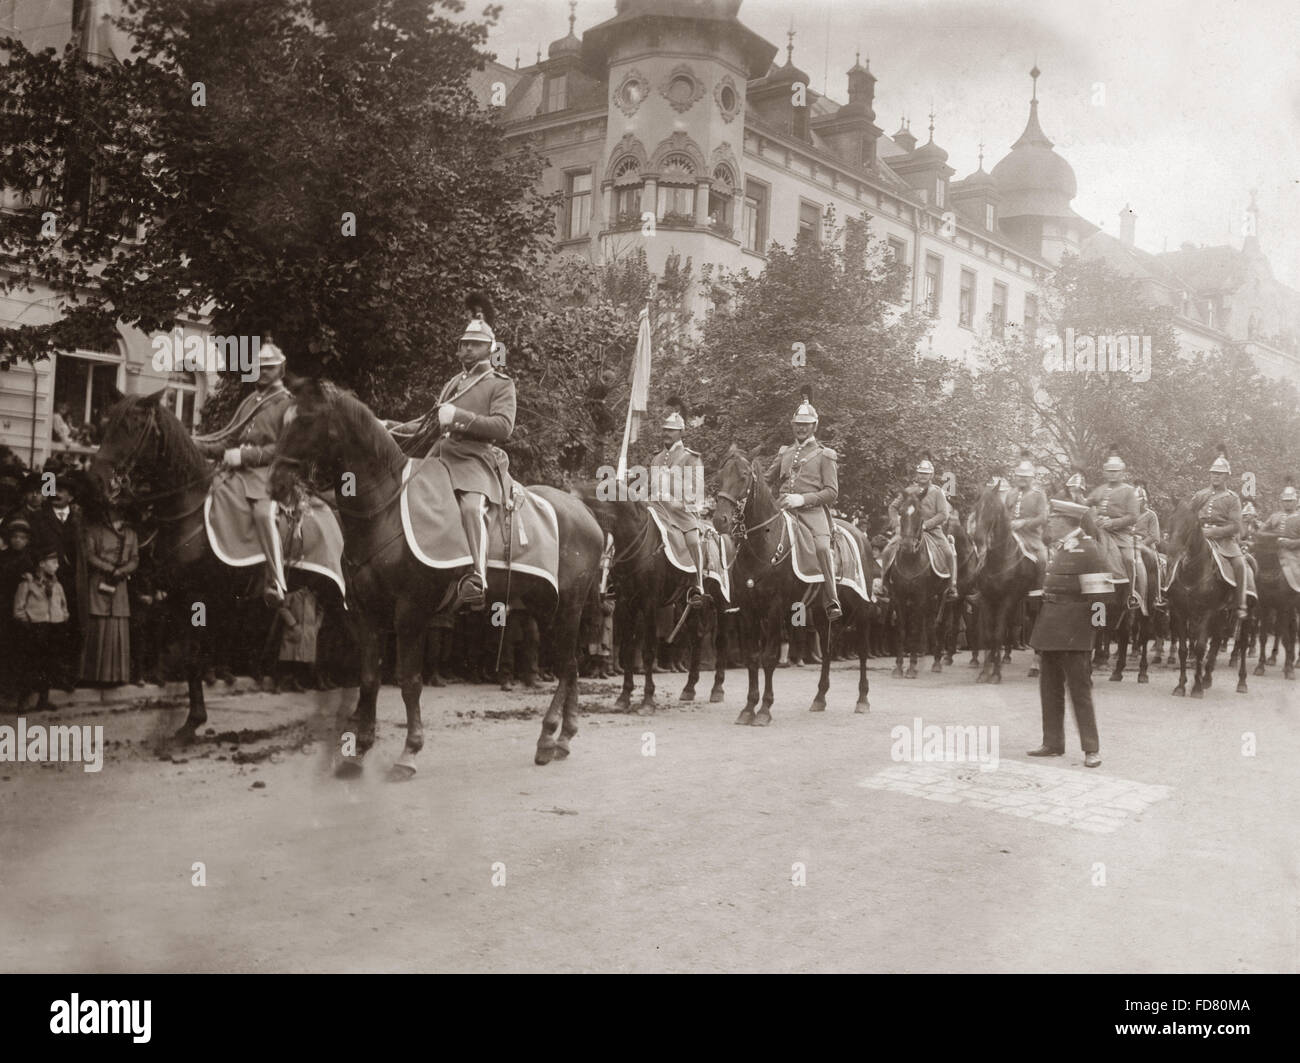 Landwehr Cavalry, 1910 - Stock Image